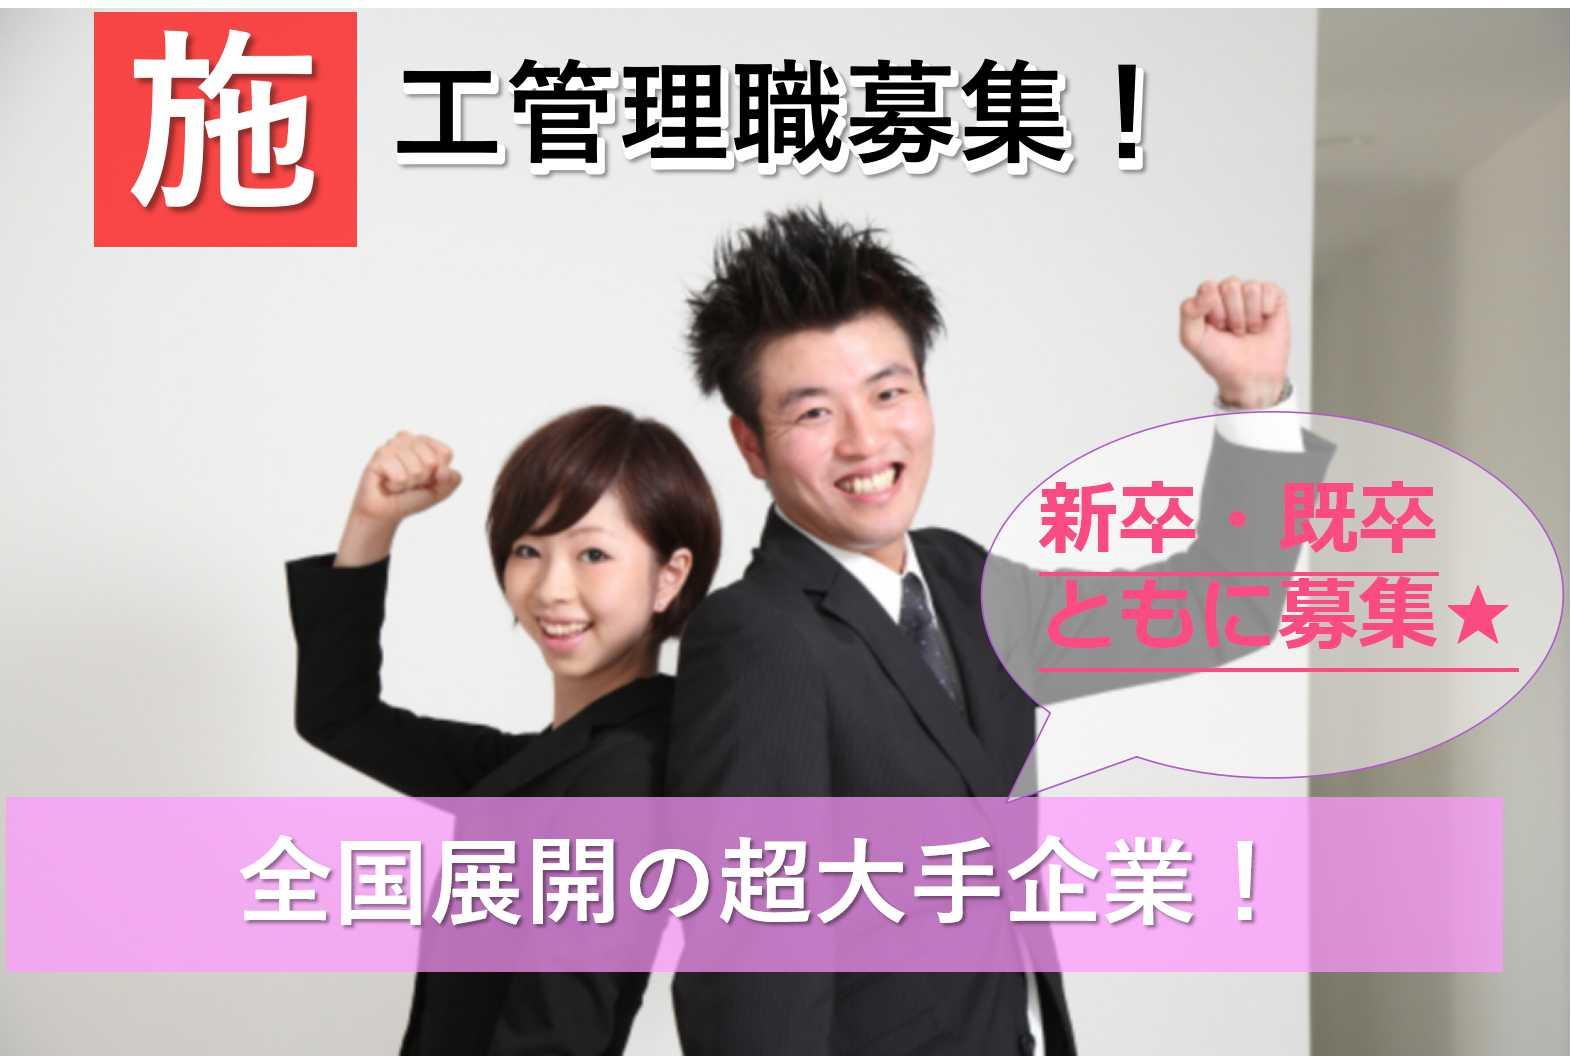 【新卒】社宅あり★手当充実!施工管理職【即面談可能】 イメージ